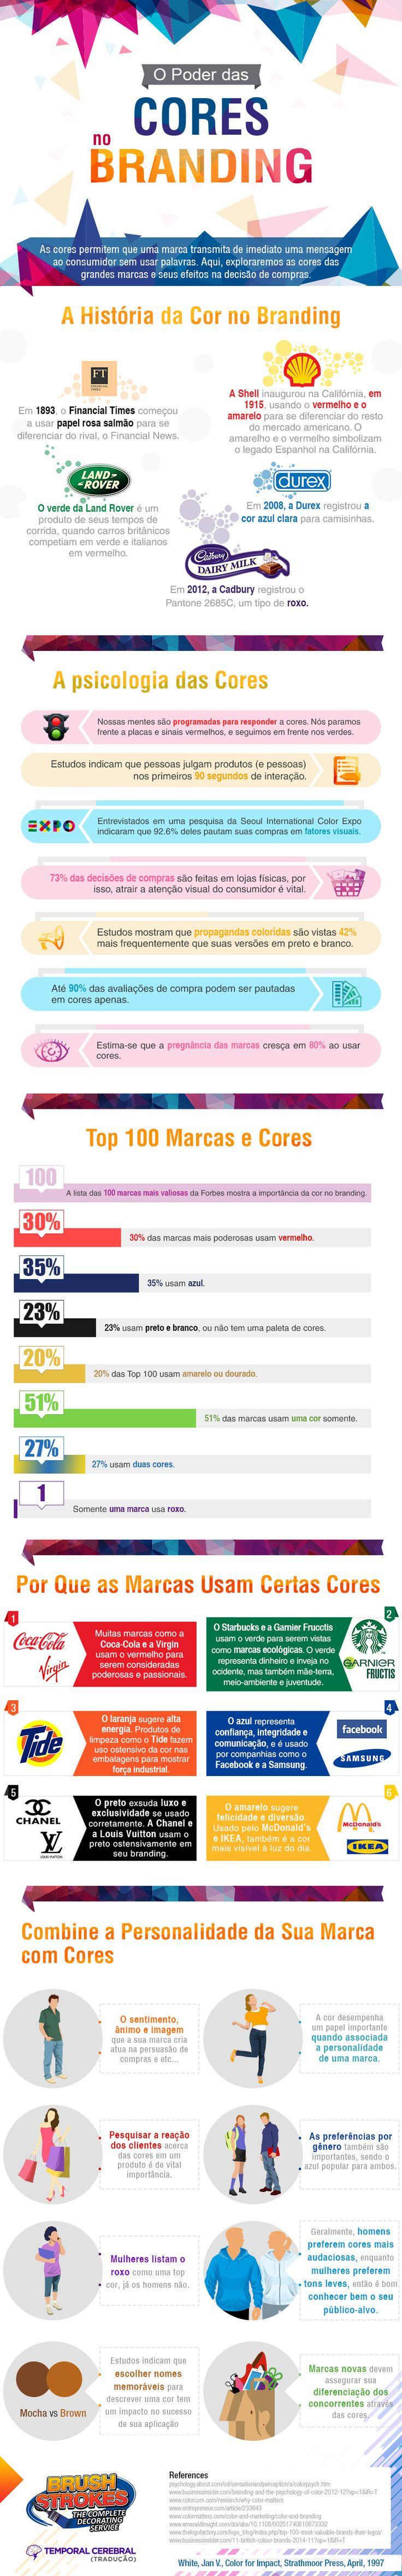 Um lindo infográfico ilustrando o quanto as cores influenciam no branding! Cores novamente, nosso assunto favorito! Além desse infográfico maravilhoso, devo lembrá-los que temos posts ÚNICOS como: como usar os esquemas de cores & um experimento de cores em branding!São conteúdos EXTREMAMENTE relevantes que vão te dizer coisas que você nunca ouviu falar na faculdade! …